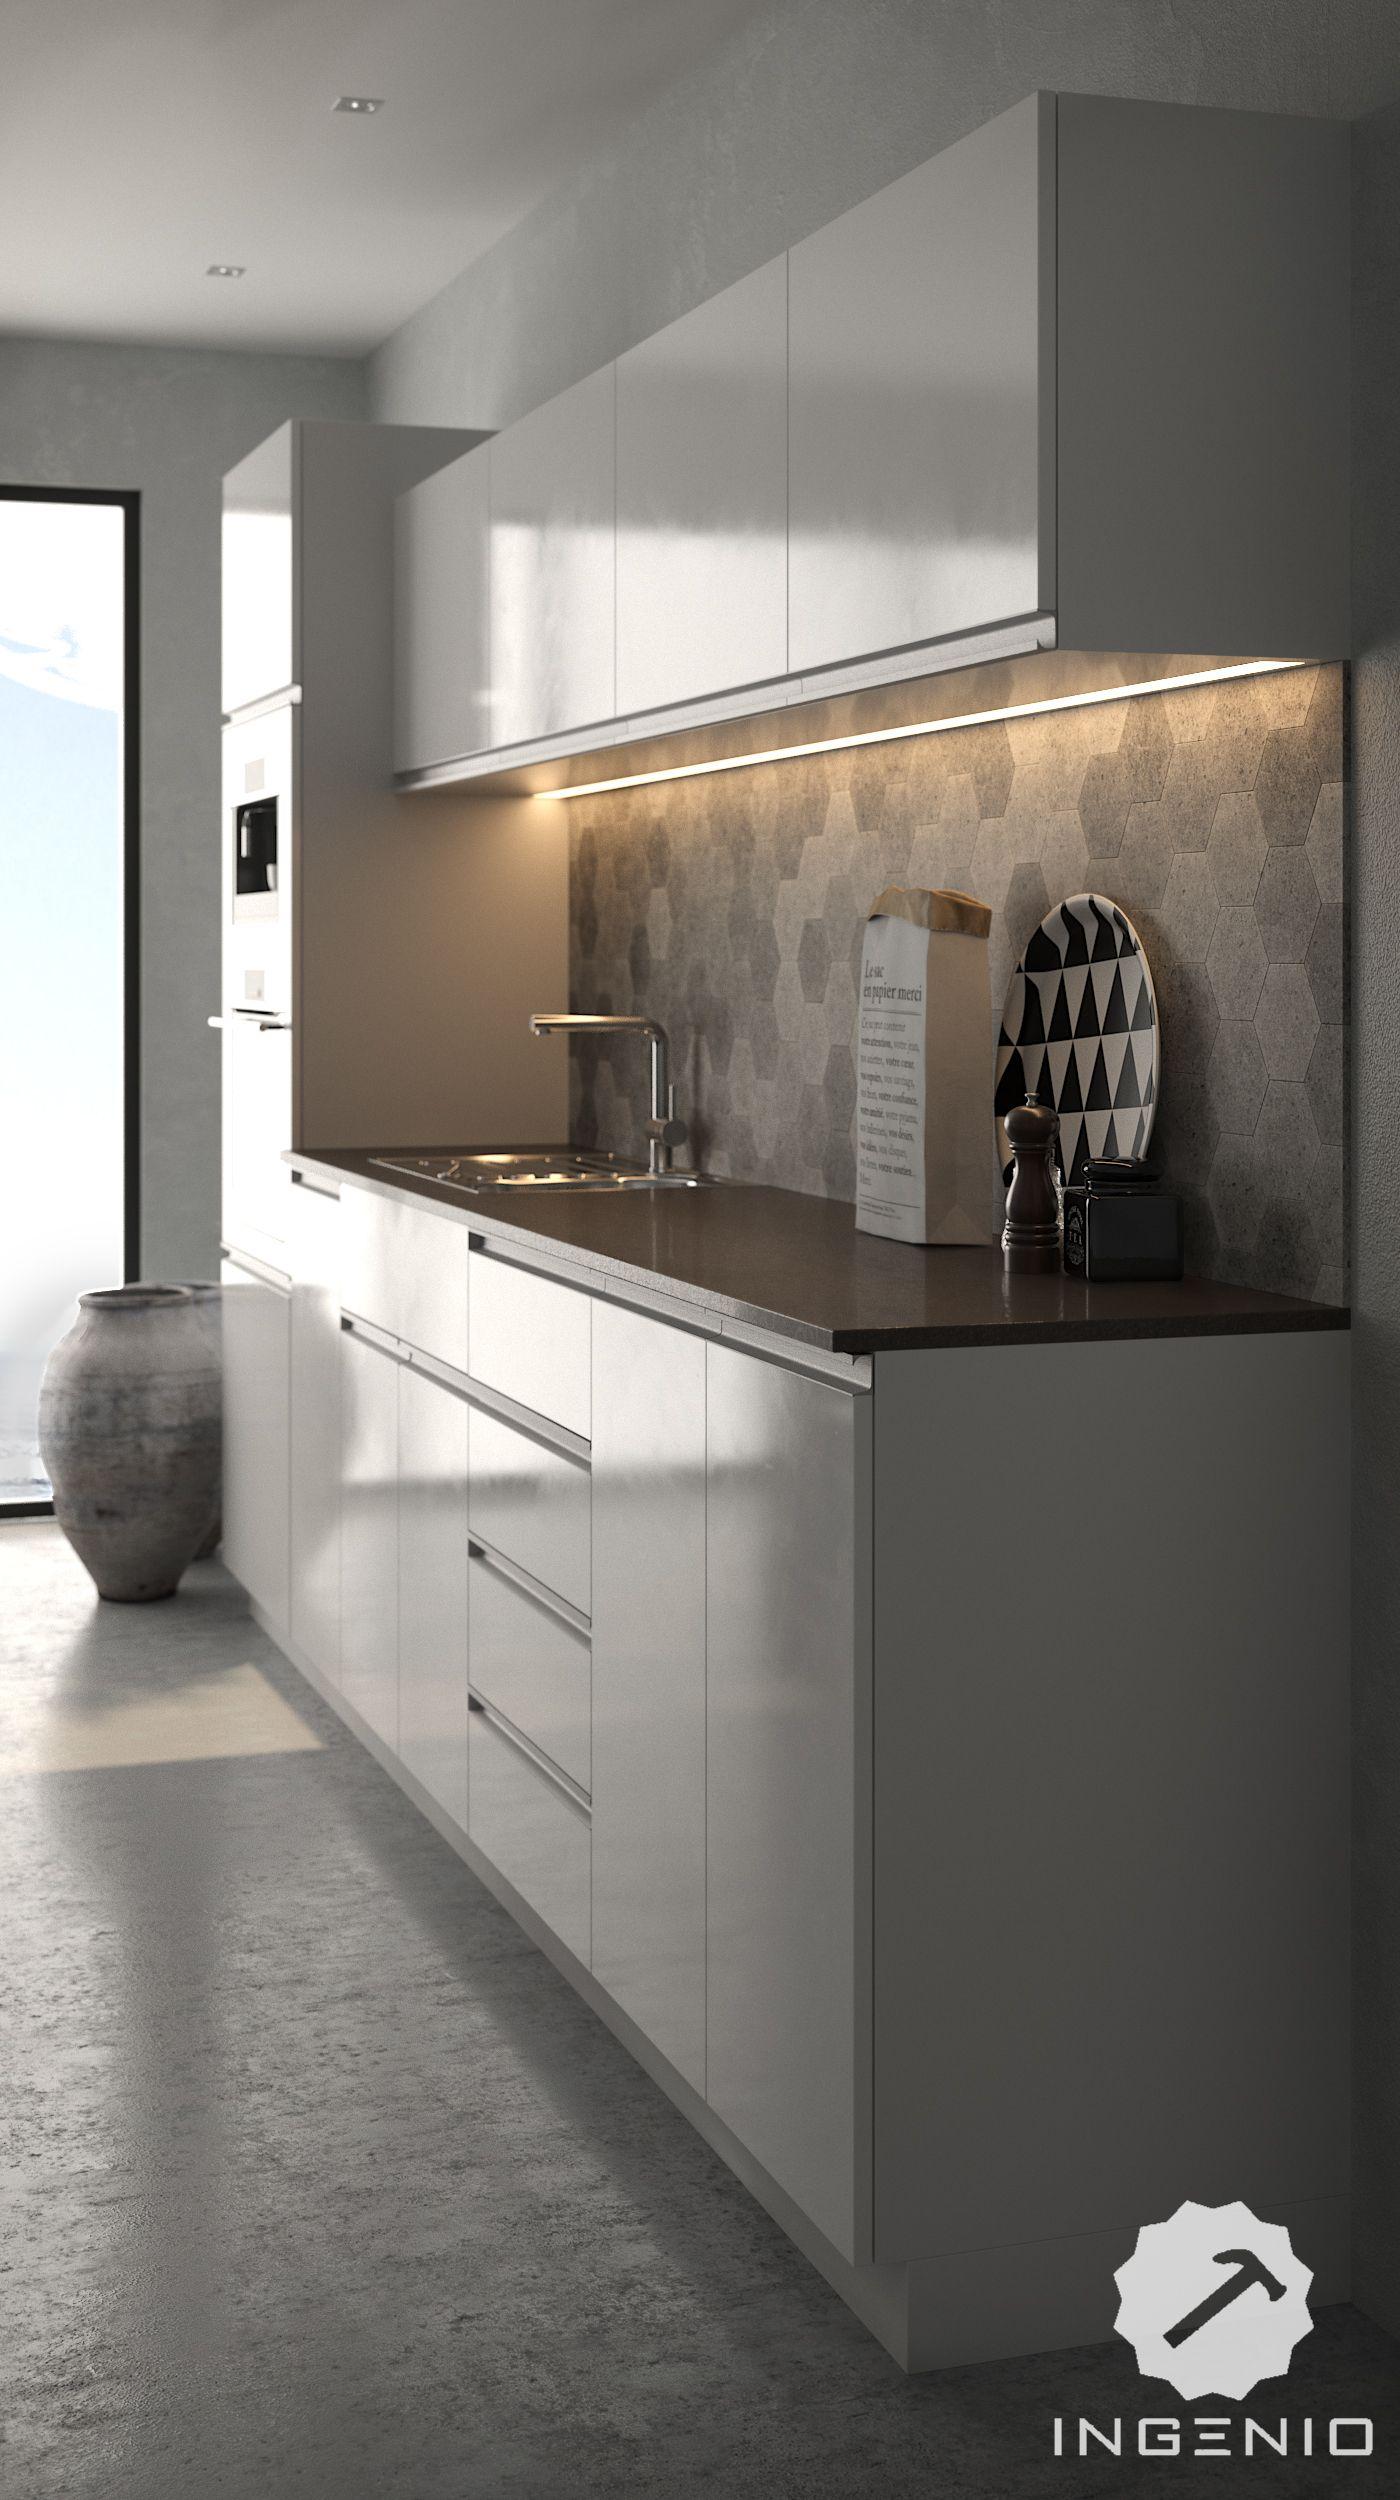 Cocina moderna en melamine blanco brillante con tiradores - Tiradores cocina modernos ...